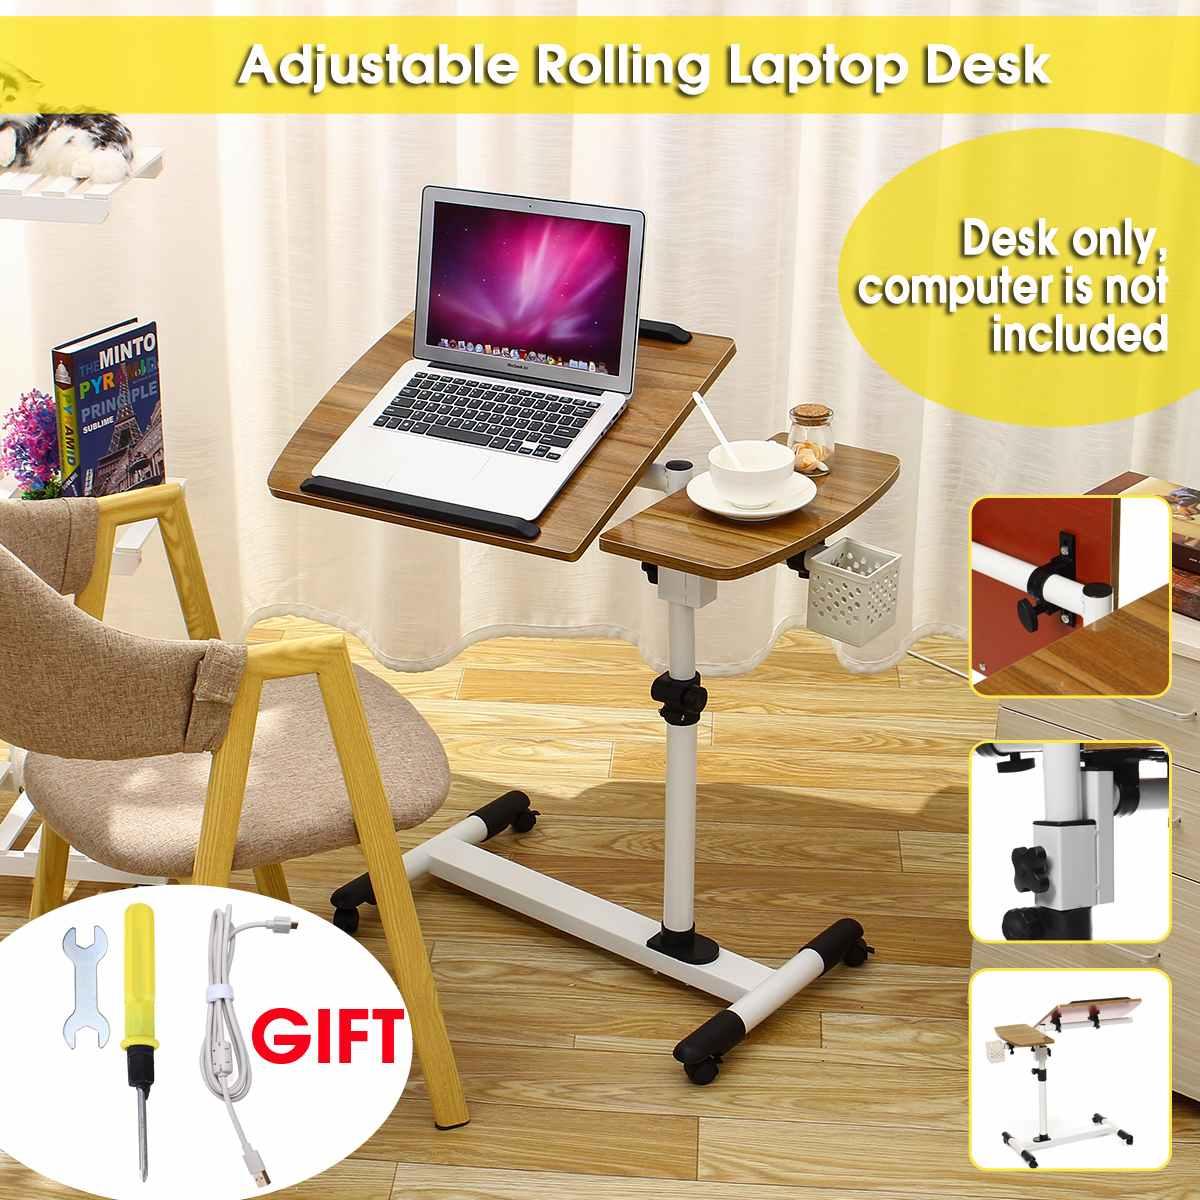 الخشب قابل للتعديل زاوية الارتفاع المتداول مكتب للحاسوب شخصي حامل دفاتر الملاحظات على أريكة تتحول لسرير الجدول مكتب الكمبيوتر المنقولة